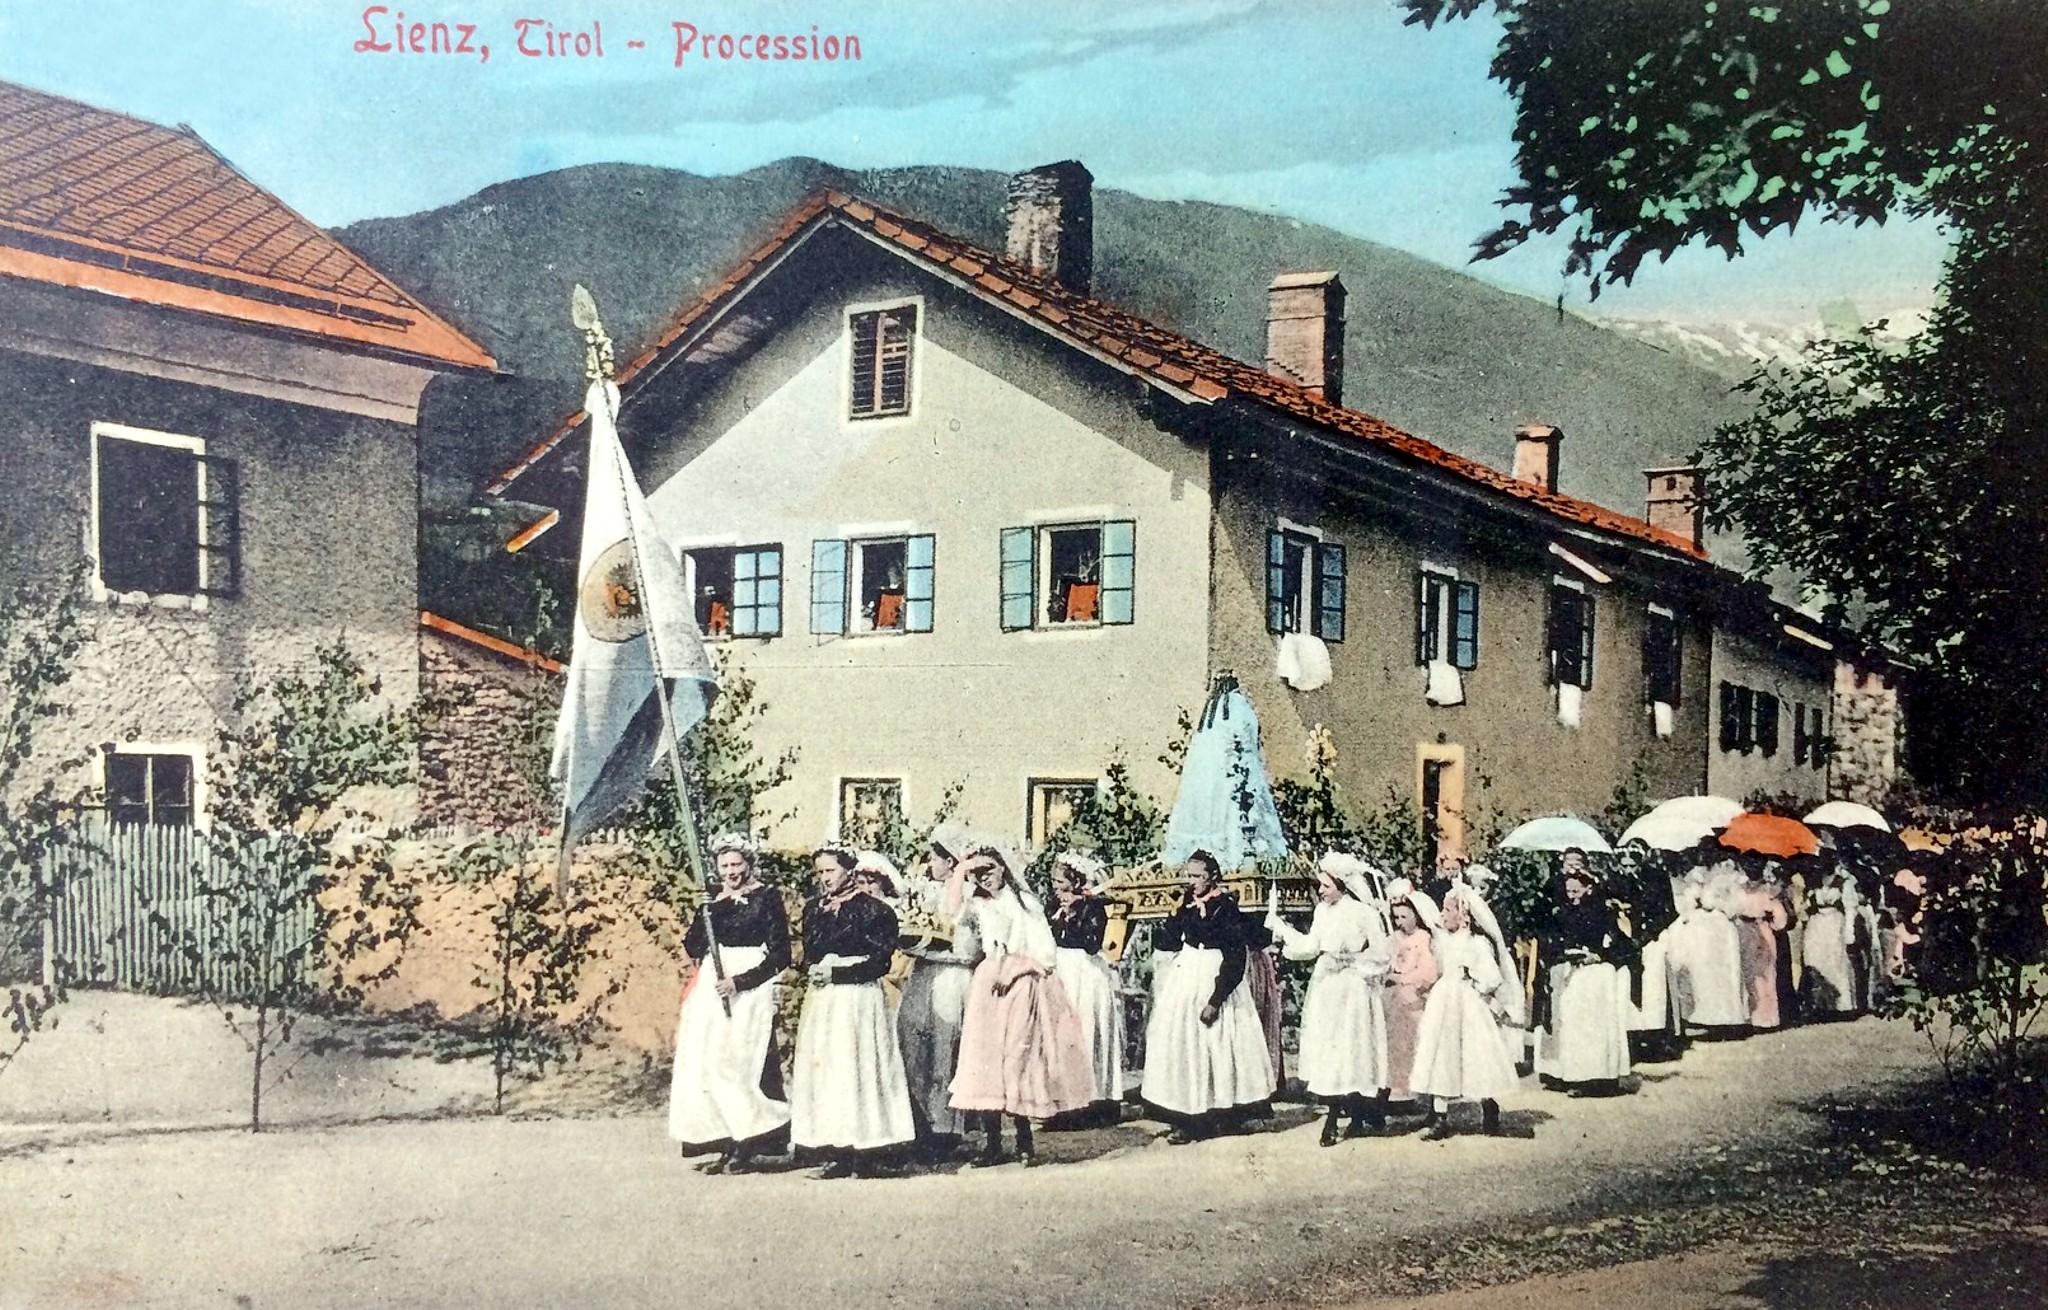 Lienz 1910, Prozession